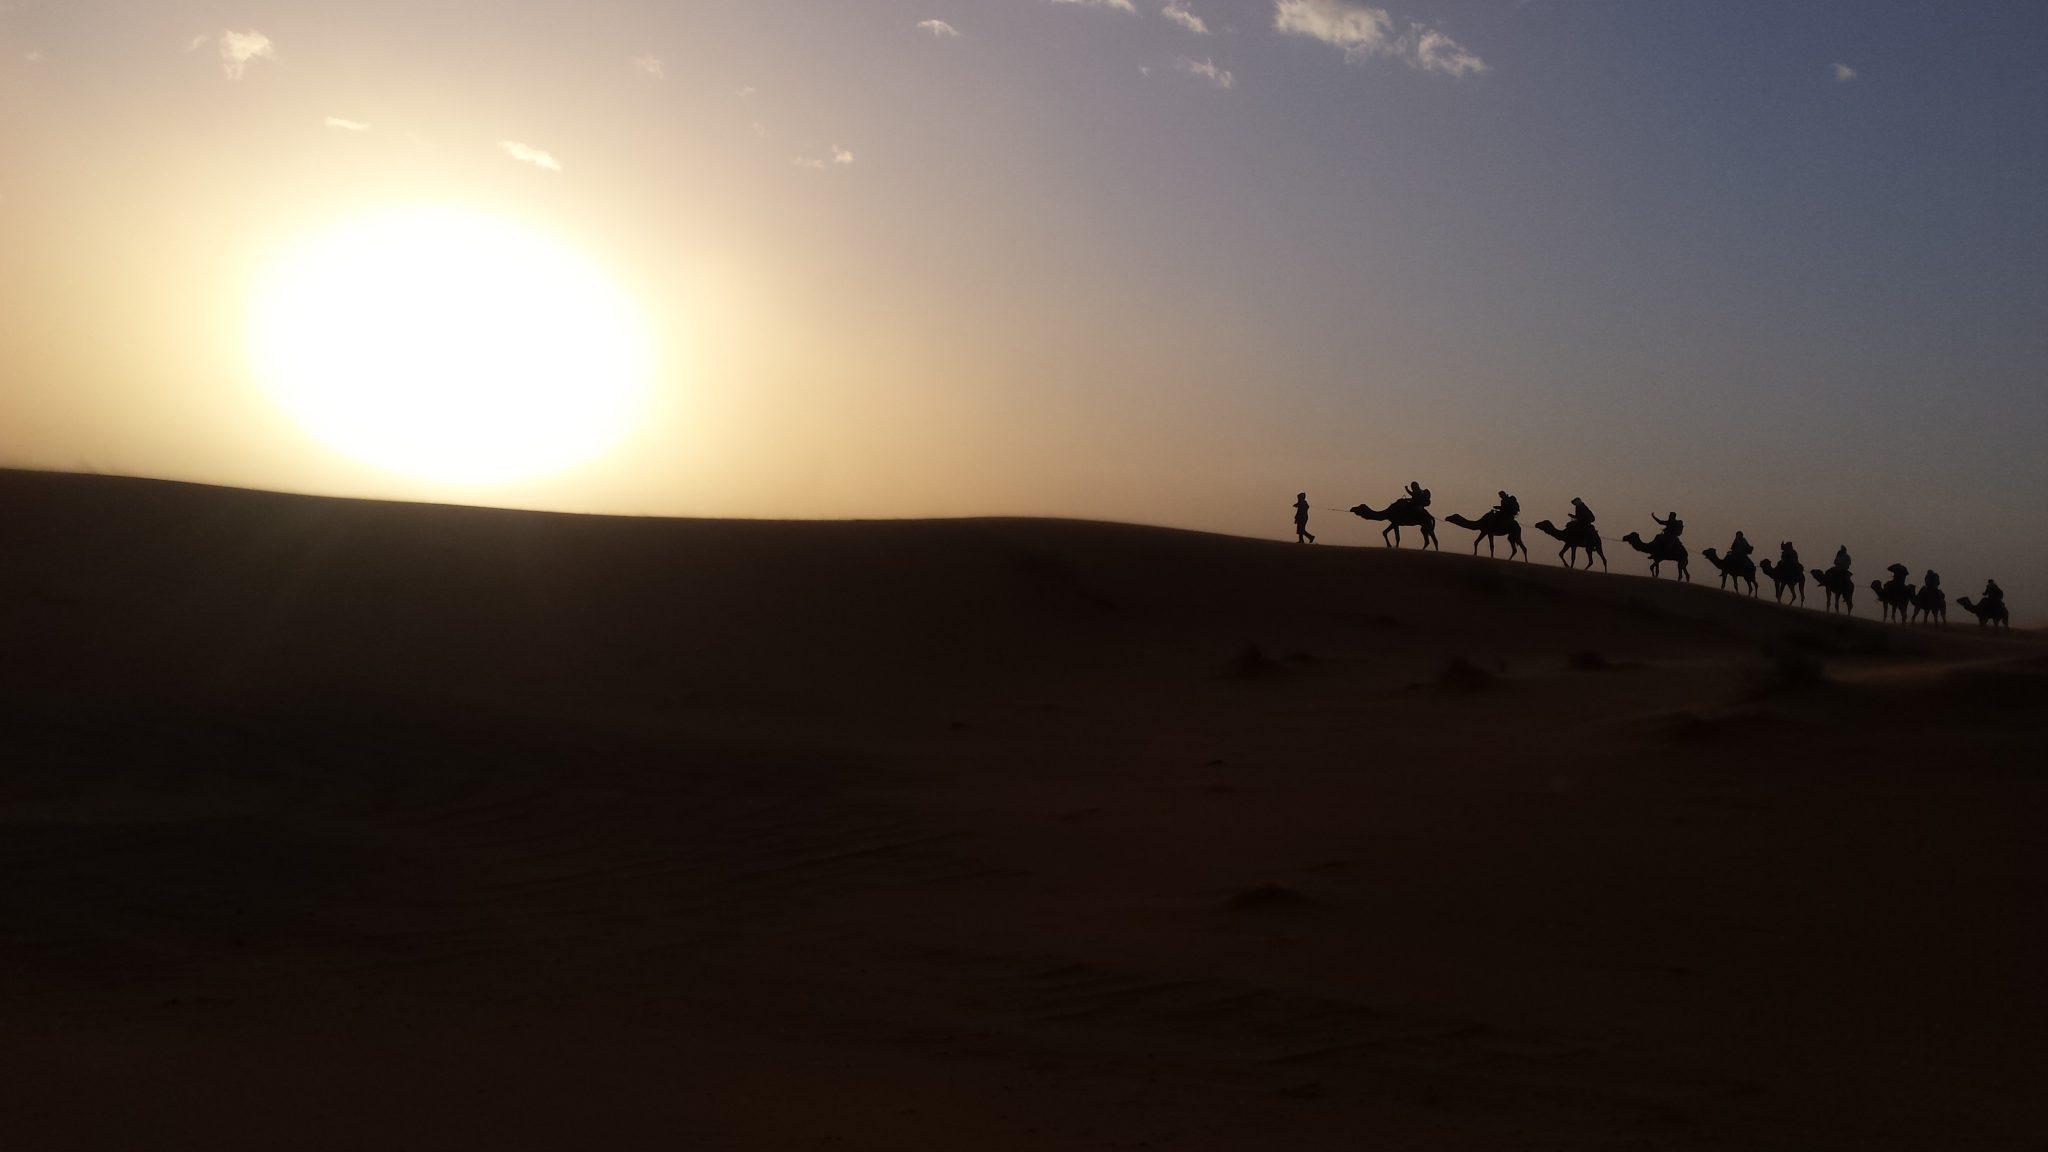 Img post Maltrato Camellos Marruecos. Qué saber antes de viajar a Marruecos- Pasaporte y Millas